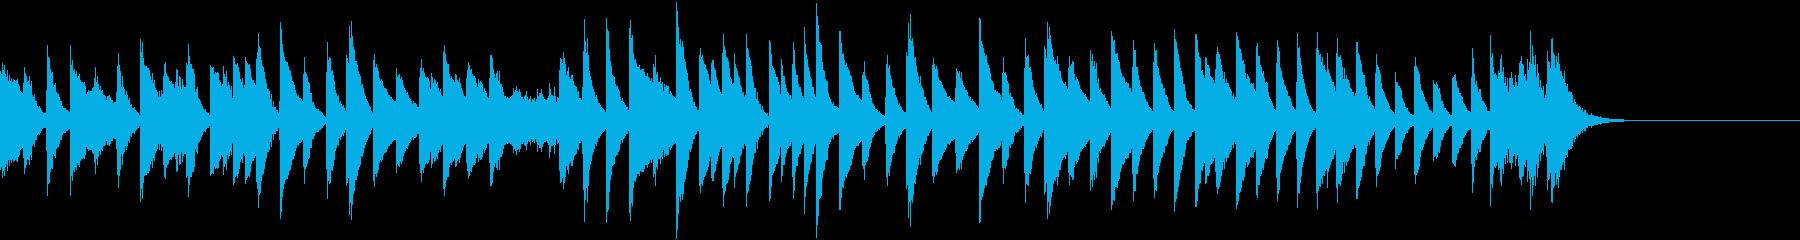 楽し忙し!アッチェレランドピアノジングルの再生済みの波形